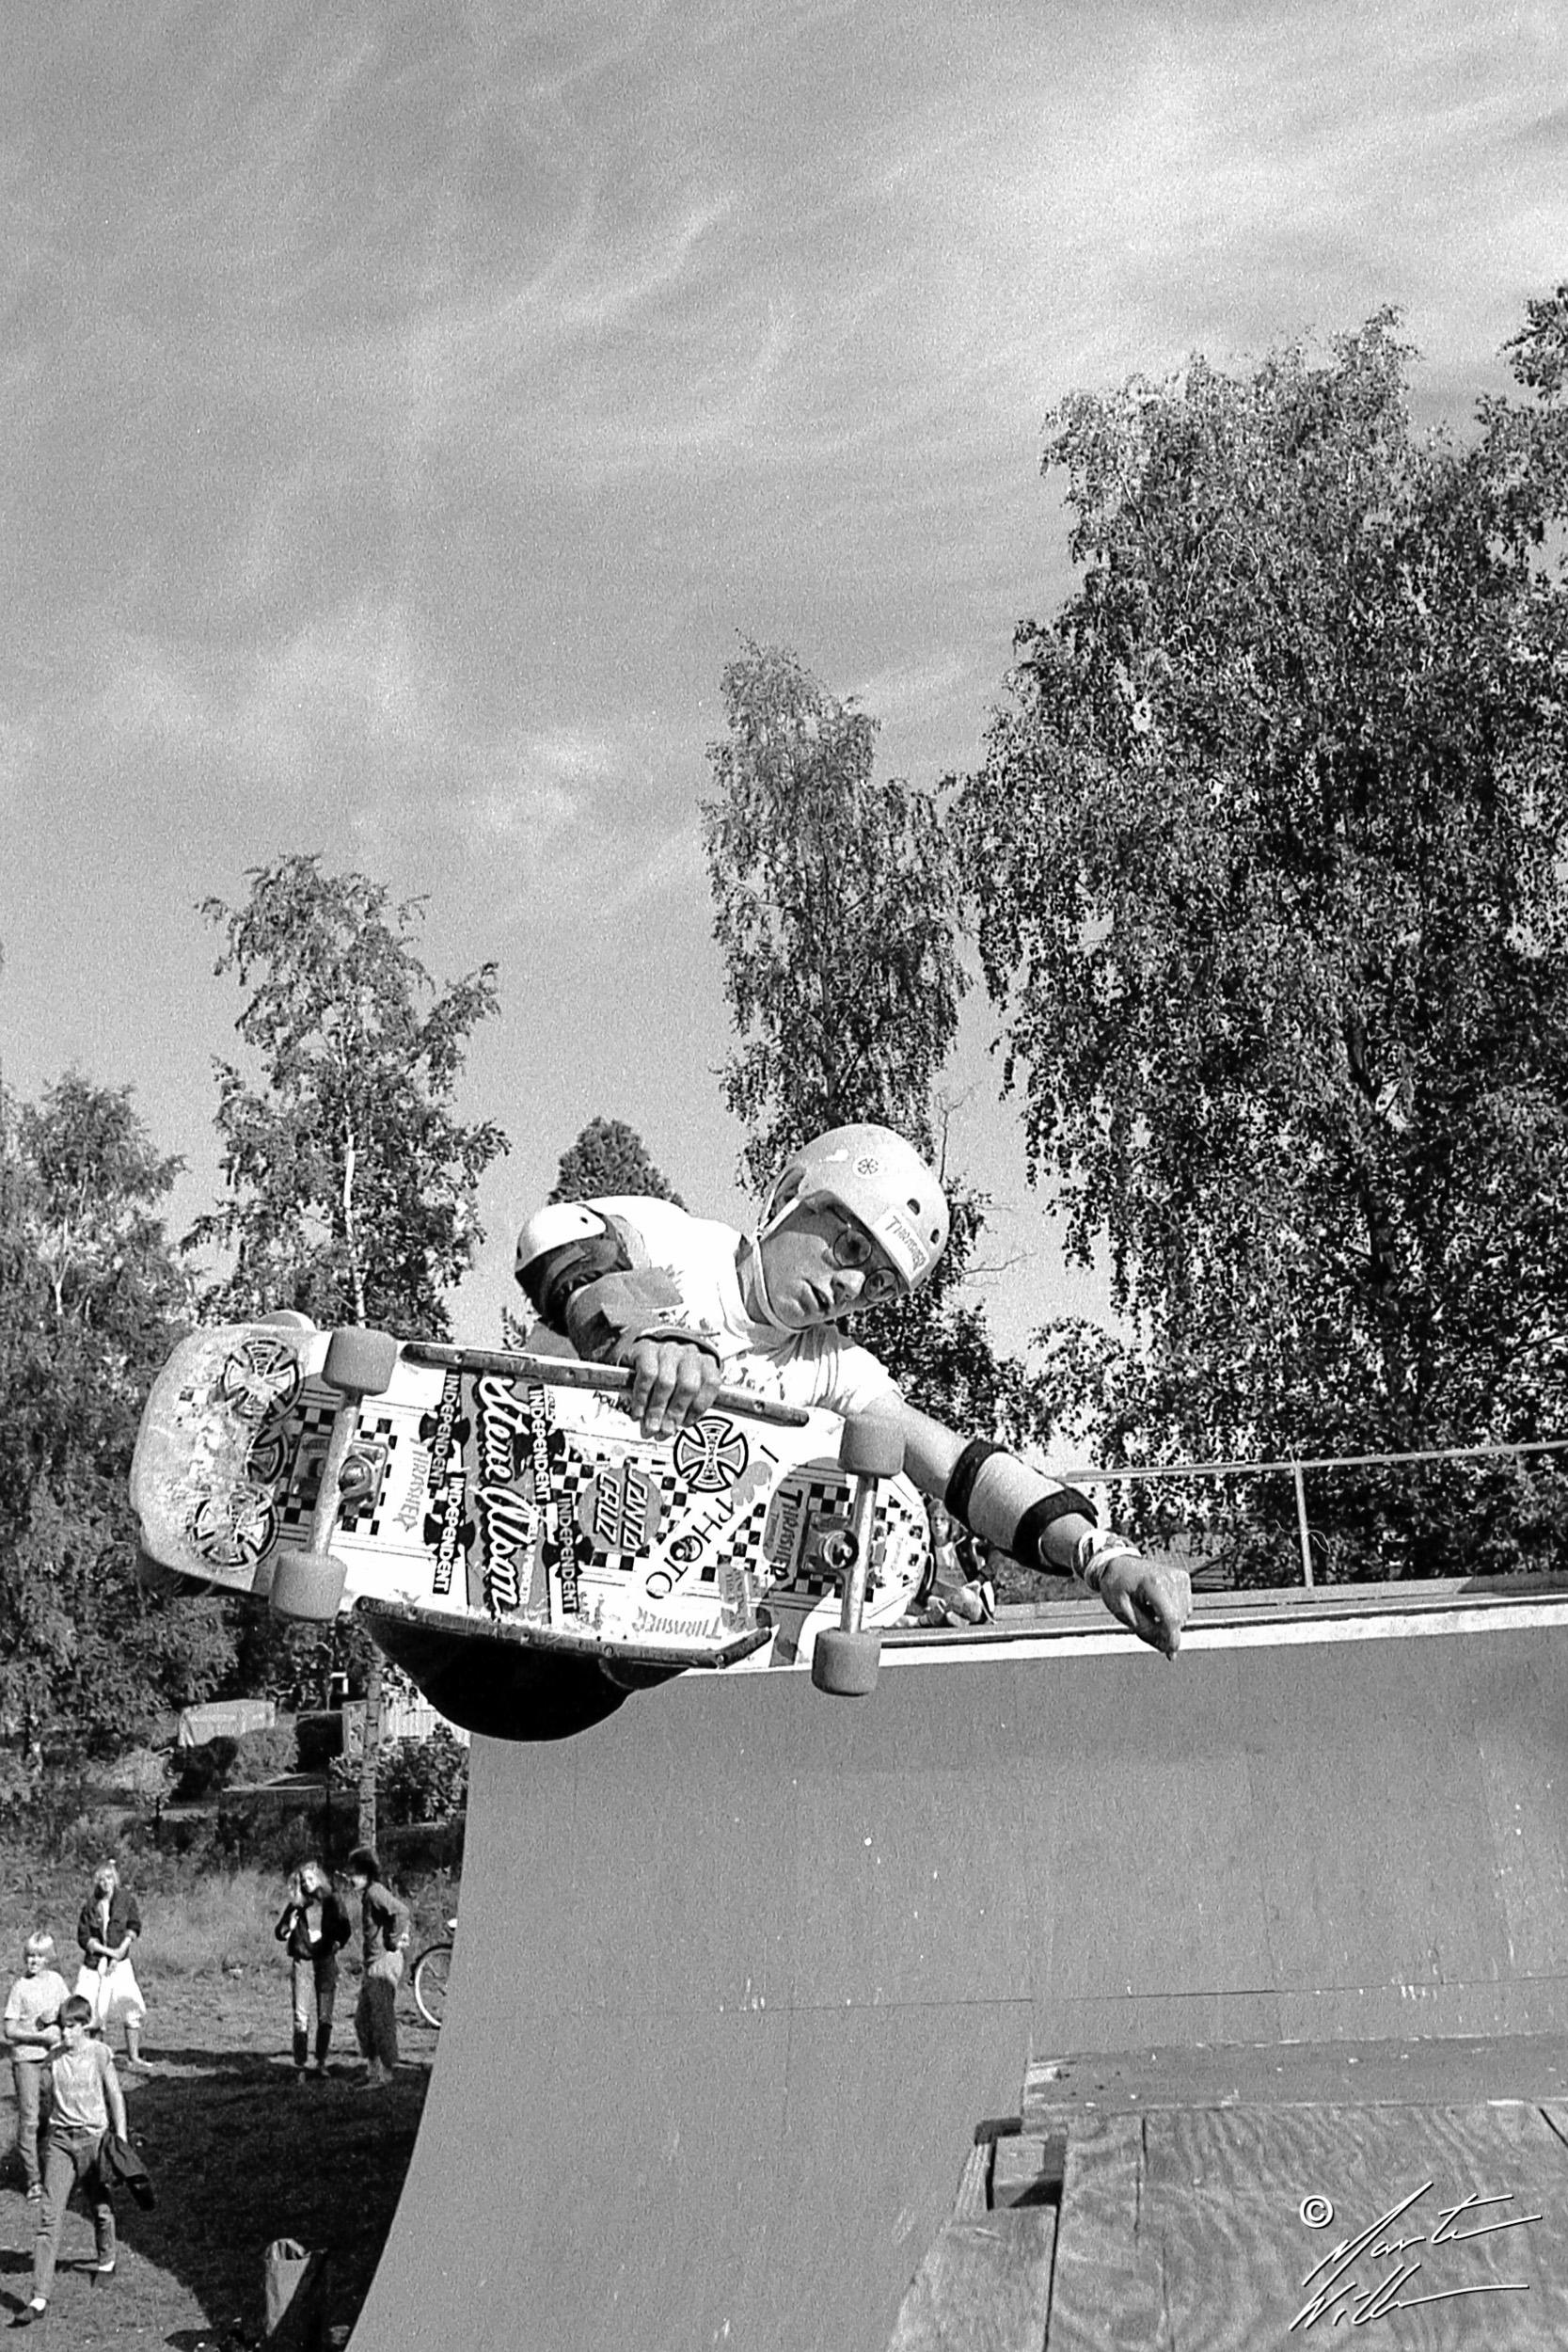 Martin Korpi, Frontside air, Karlskoga, 1984